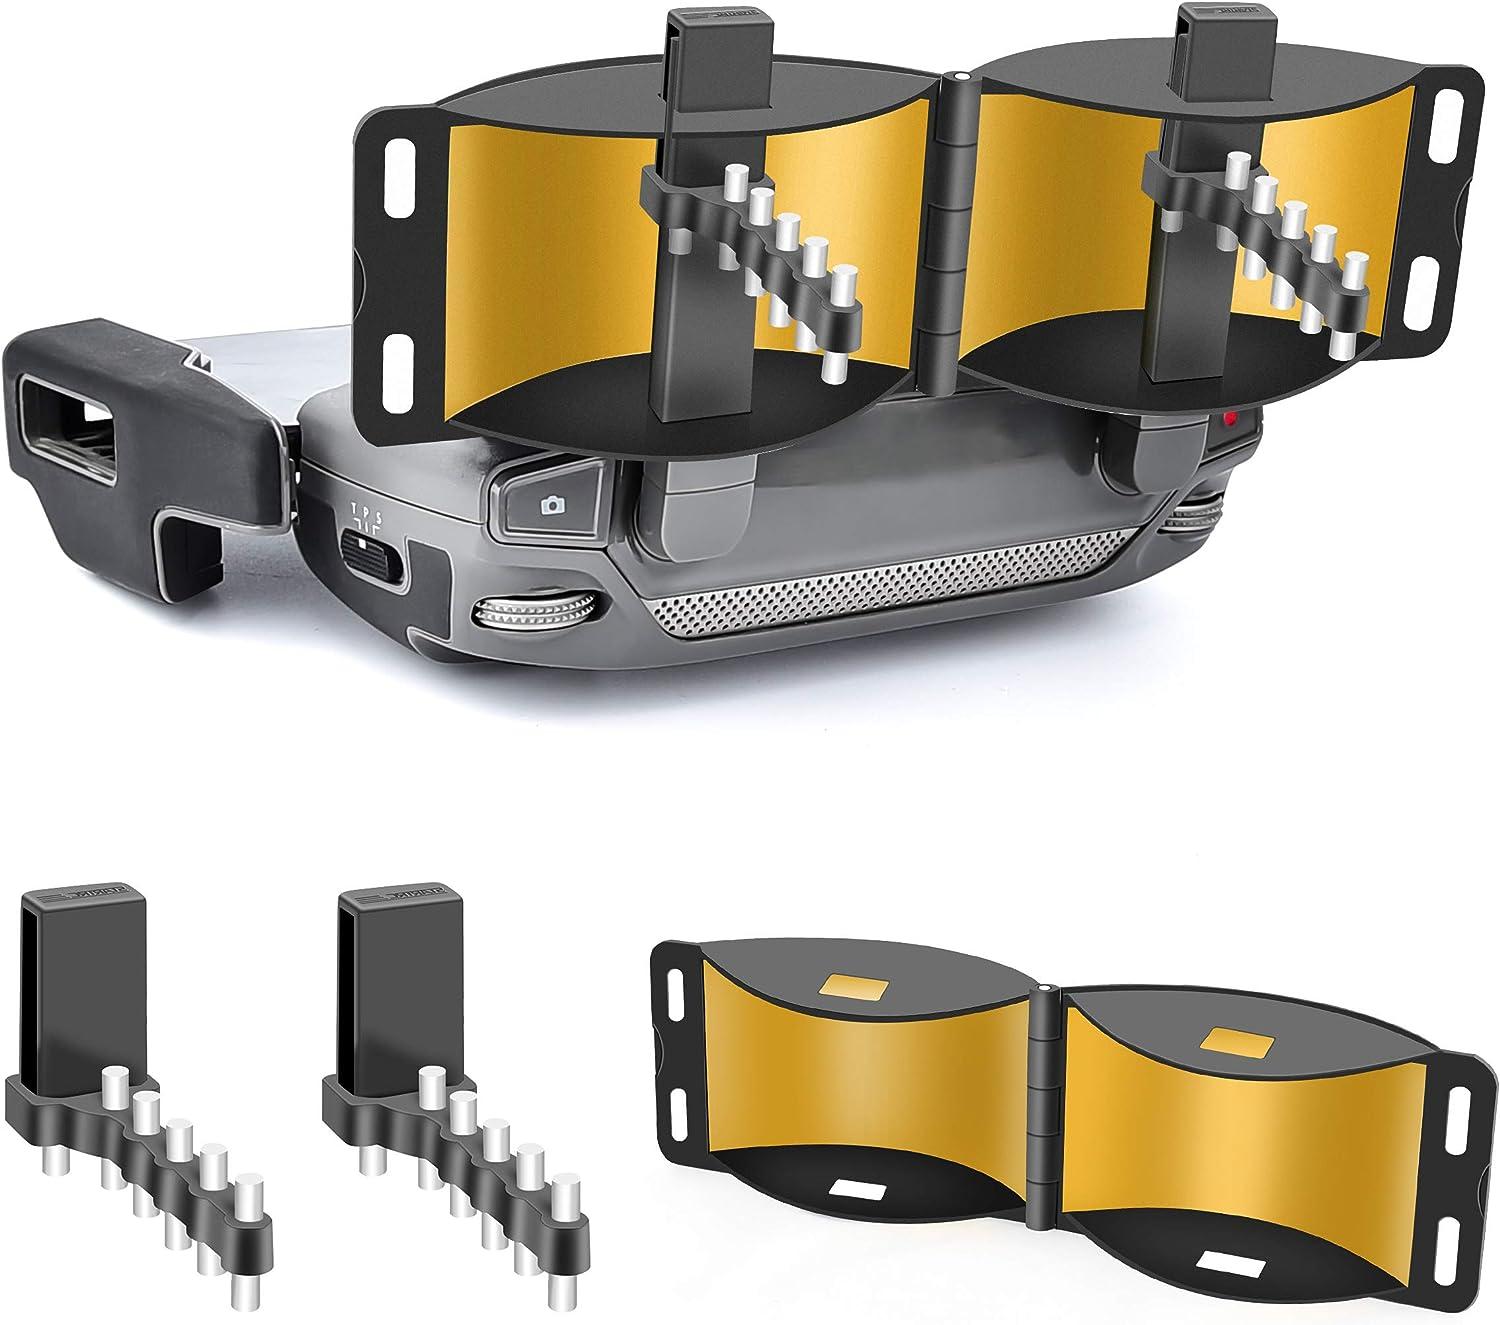 STARTRC Extensor de Rango de Amplificador para dji Mavic Mini / Mavic 2 / Pro / Spark / Mavic Air Drone, (2-en-1) Yagide señal de Antena + Plegable ...